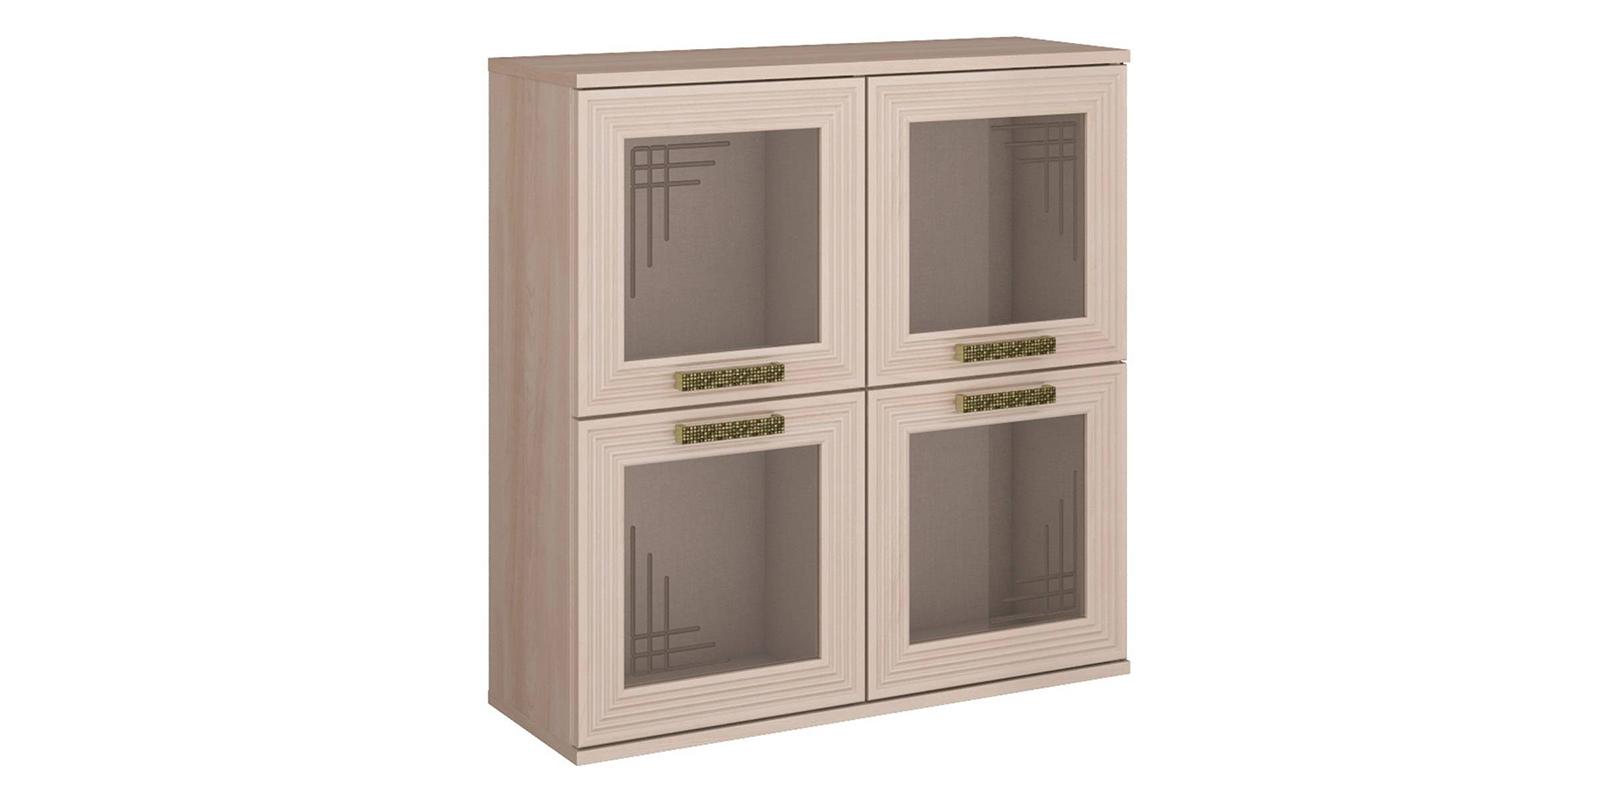 Шкаф витрина Триполи вариант №3 (ясень светлый)